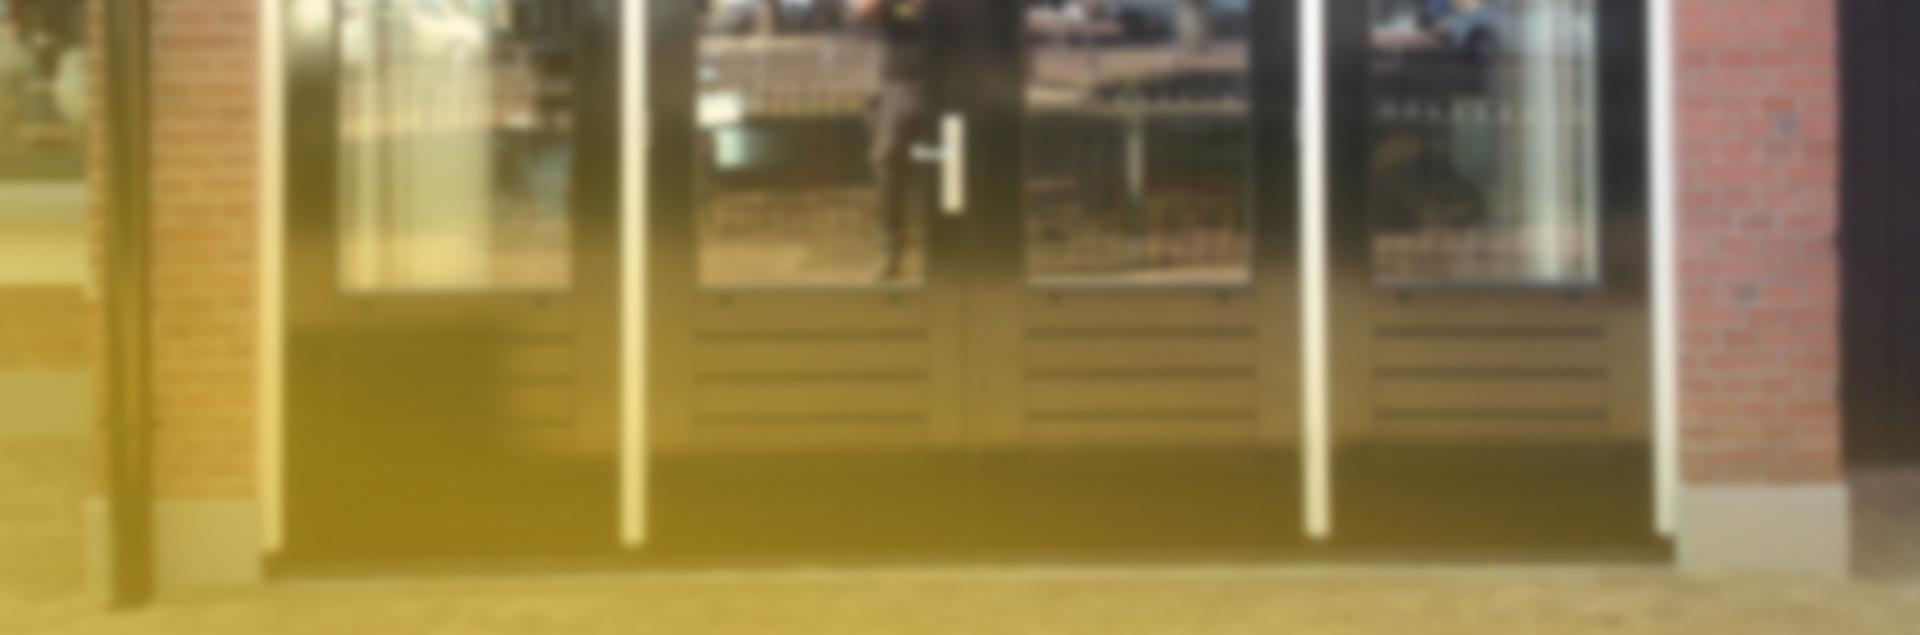 xslide3_kozijnen-ramen-deuren